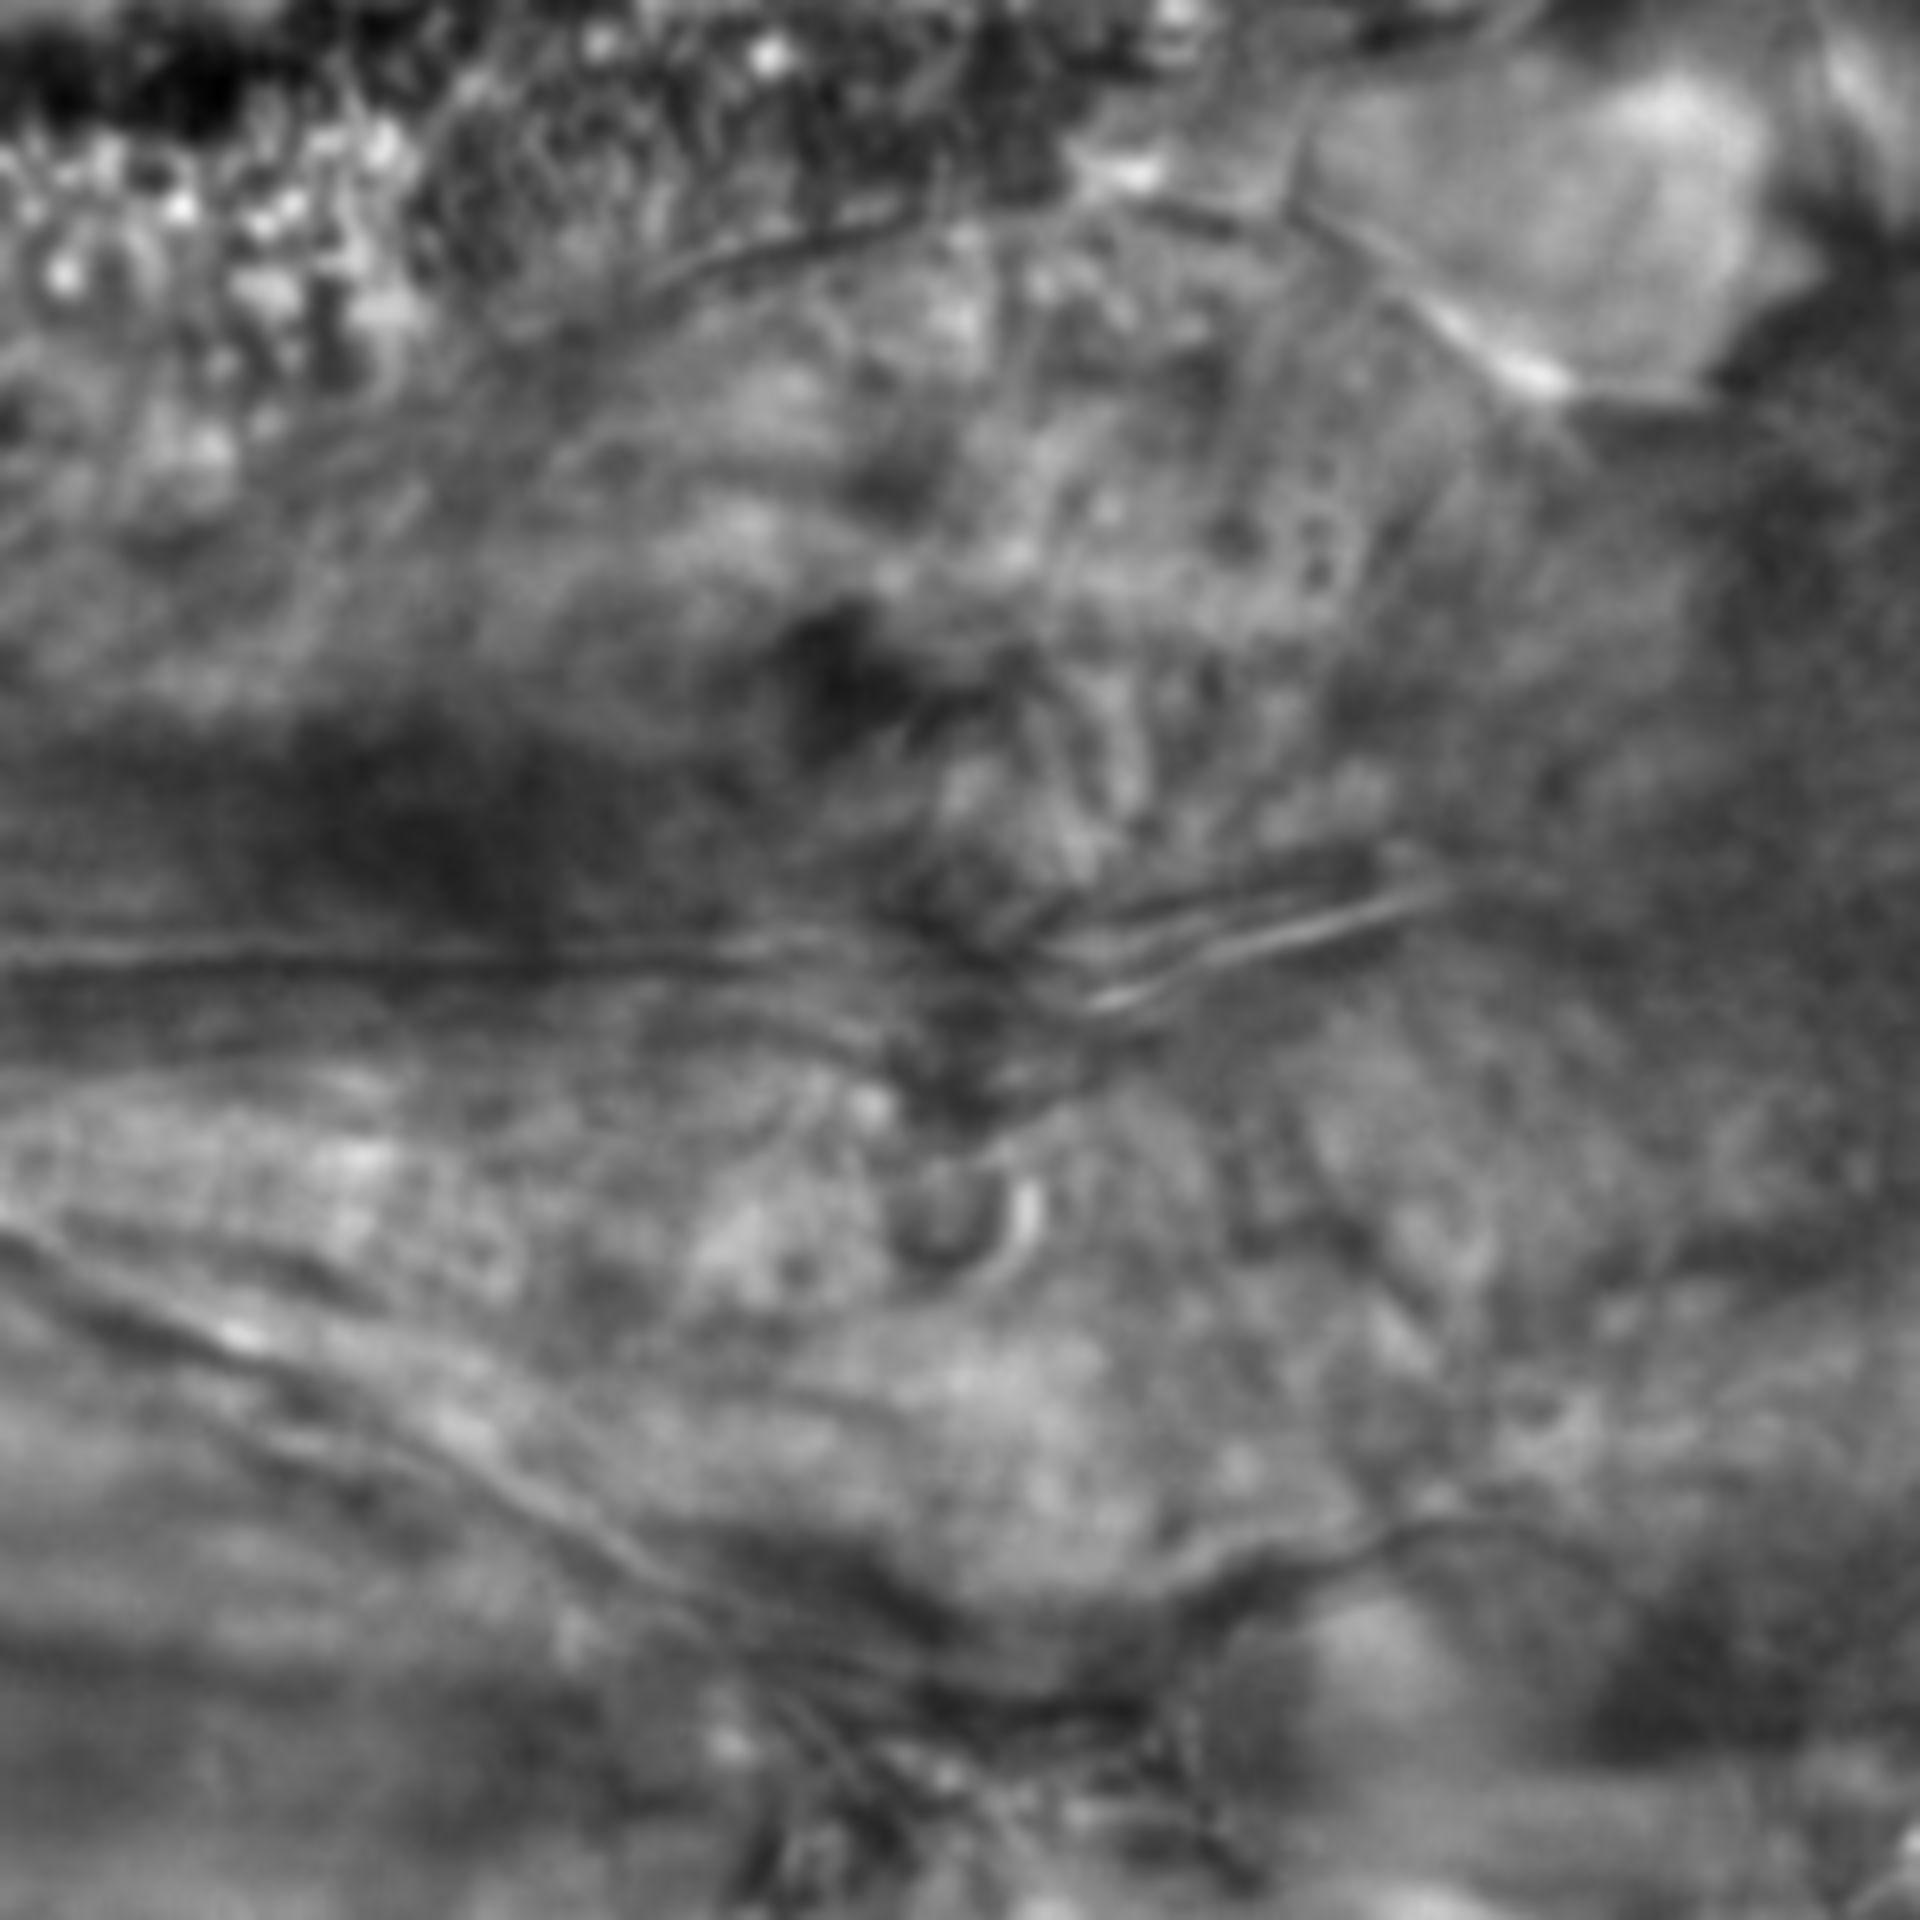 Caenorhabditis elegans - CIL:1919